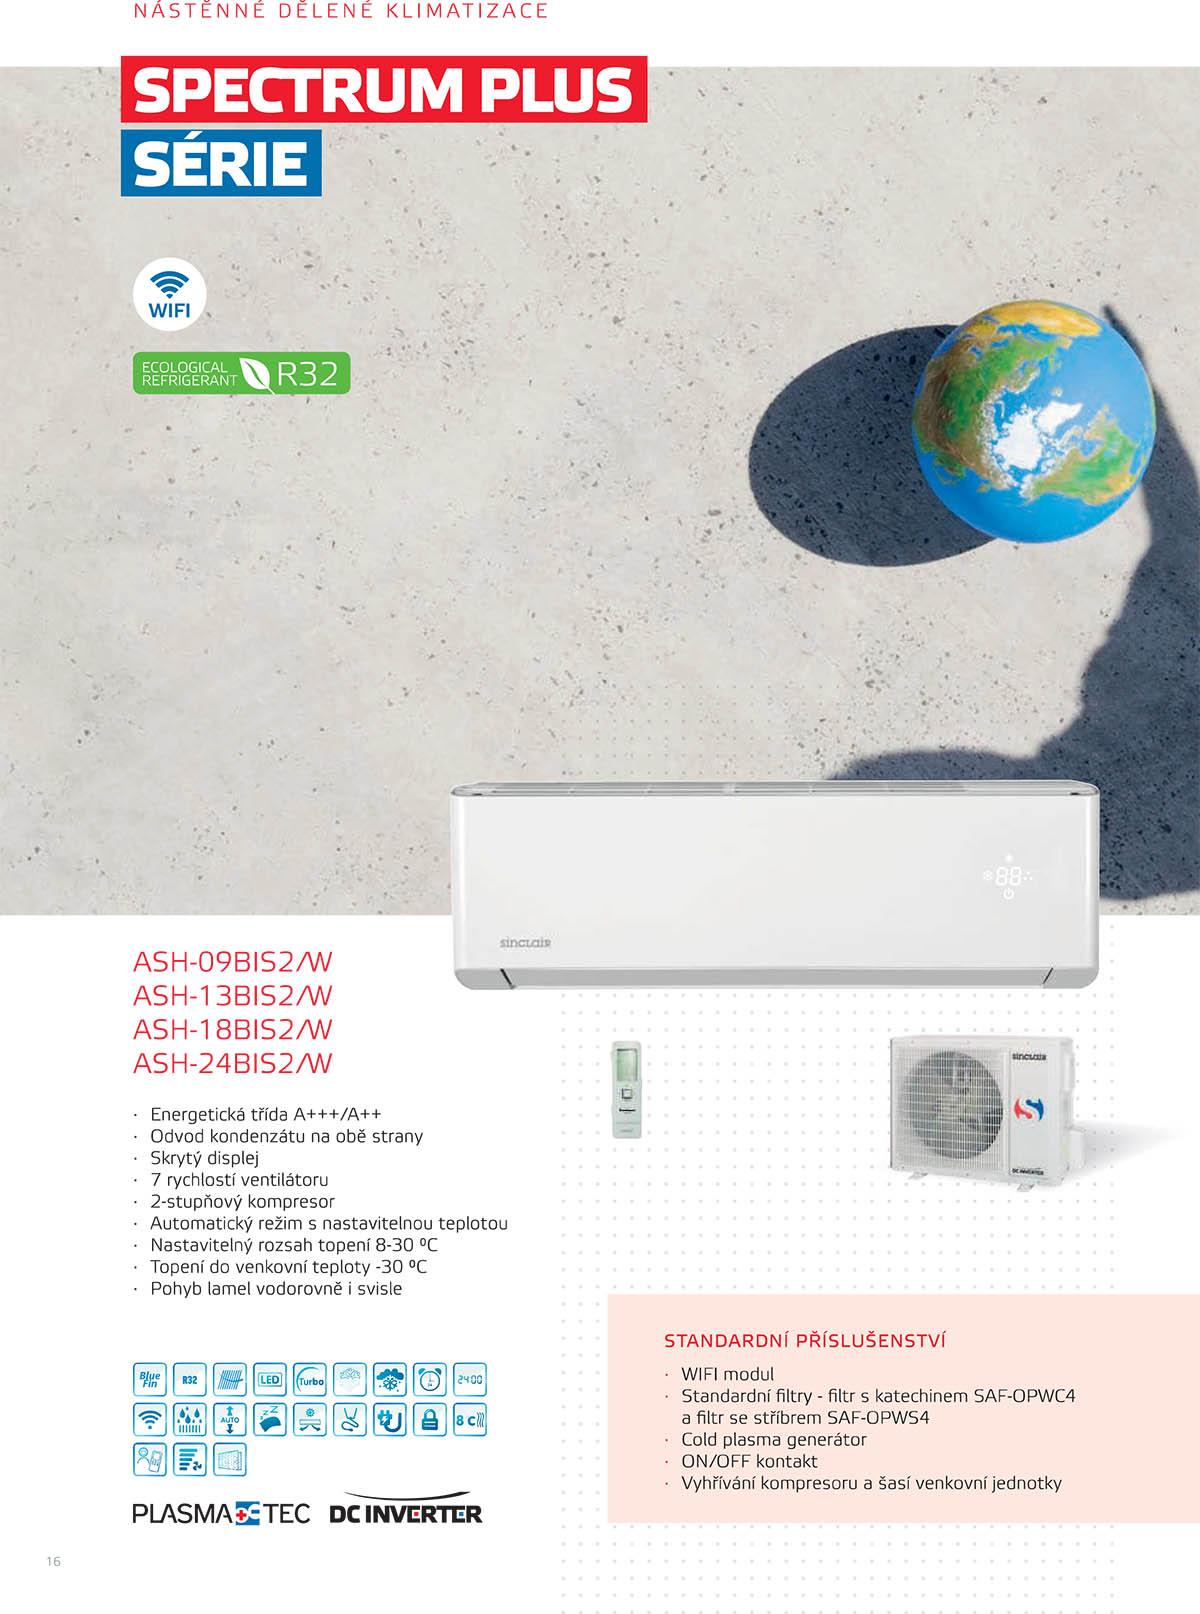 SPECTRUM PLUS katalog